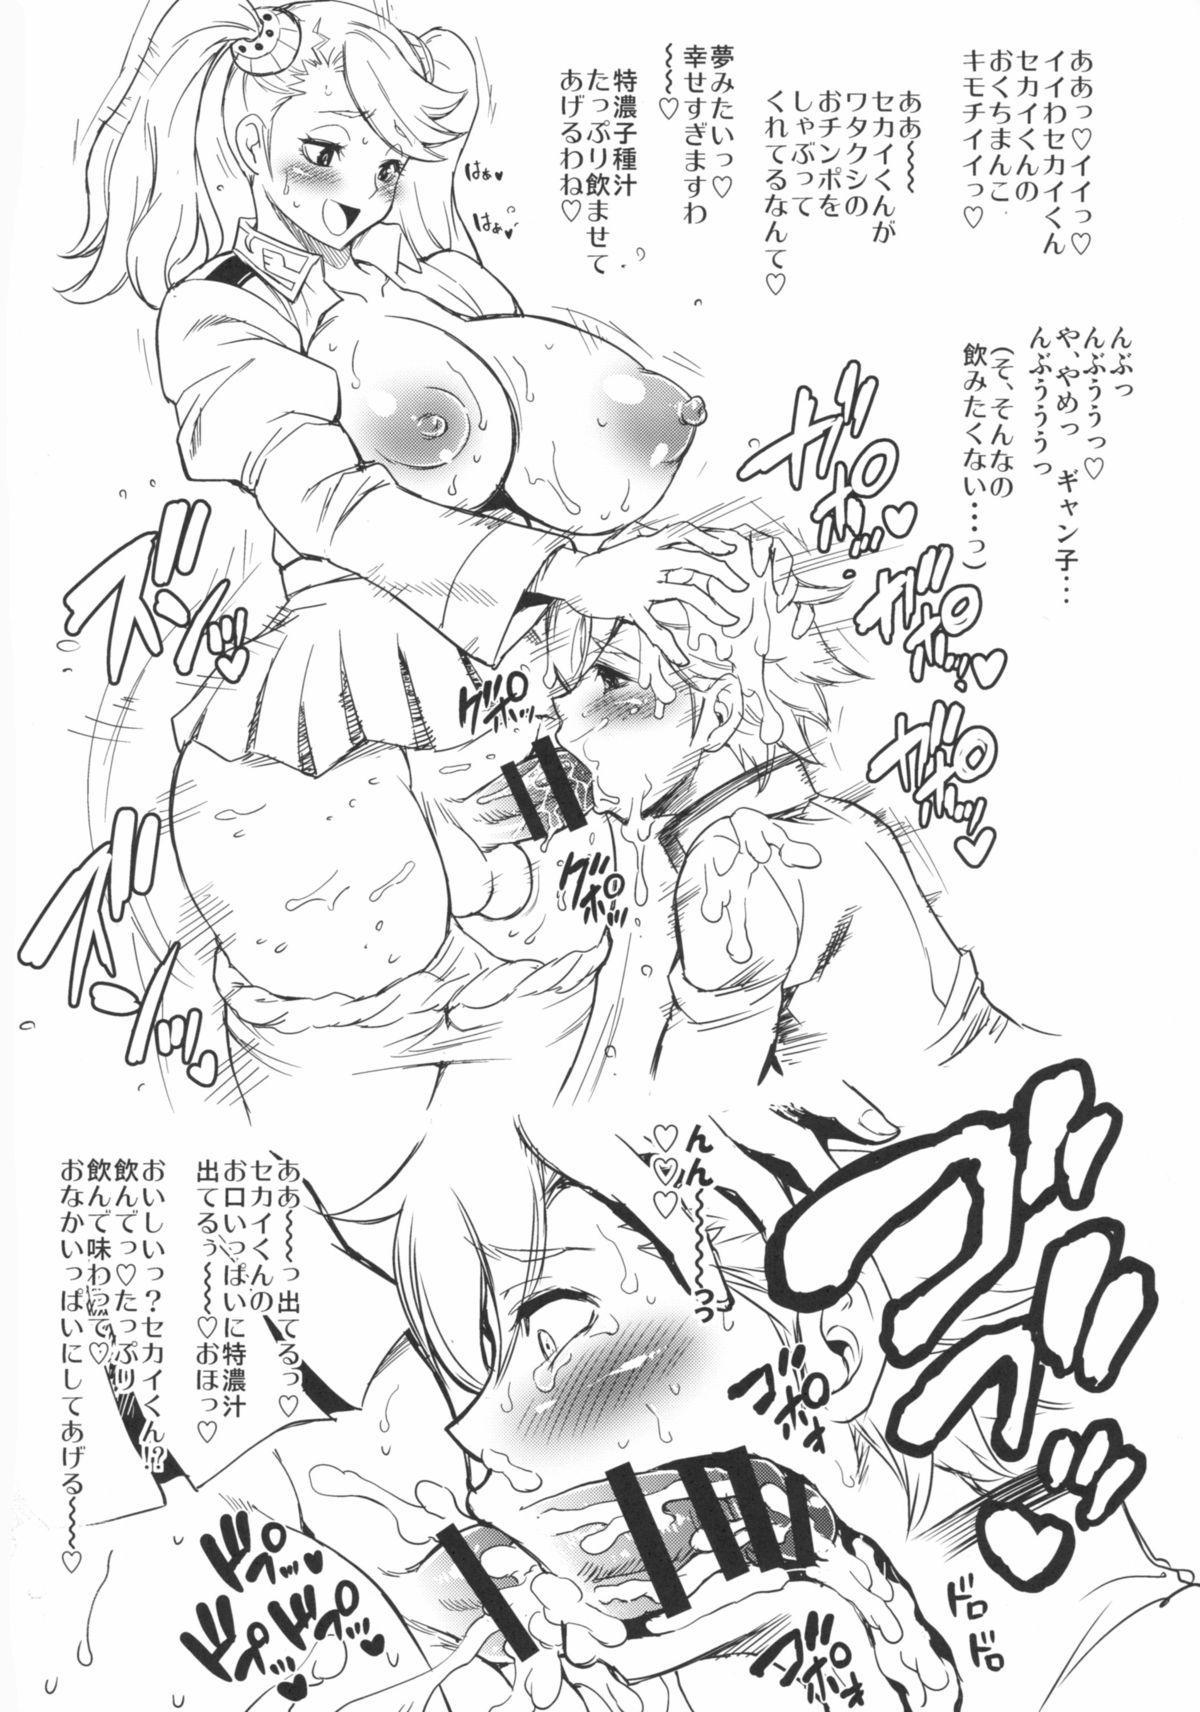 Gyanko to Sekai no GunPla Battle Daitokkun 5